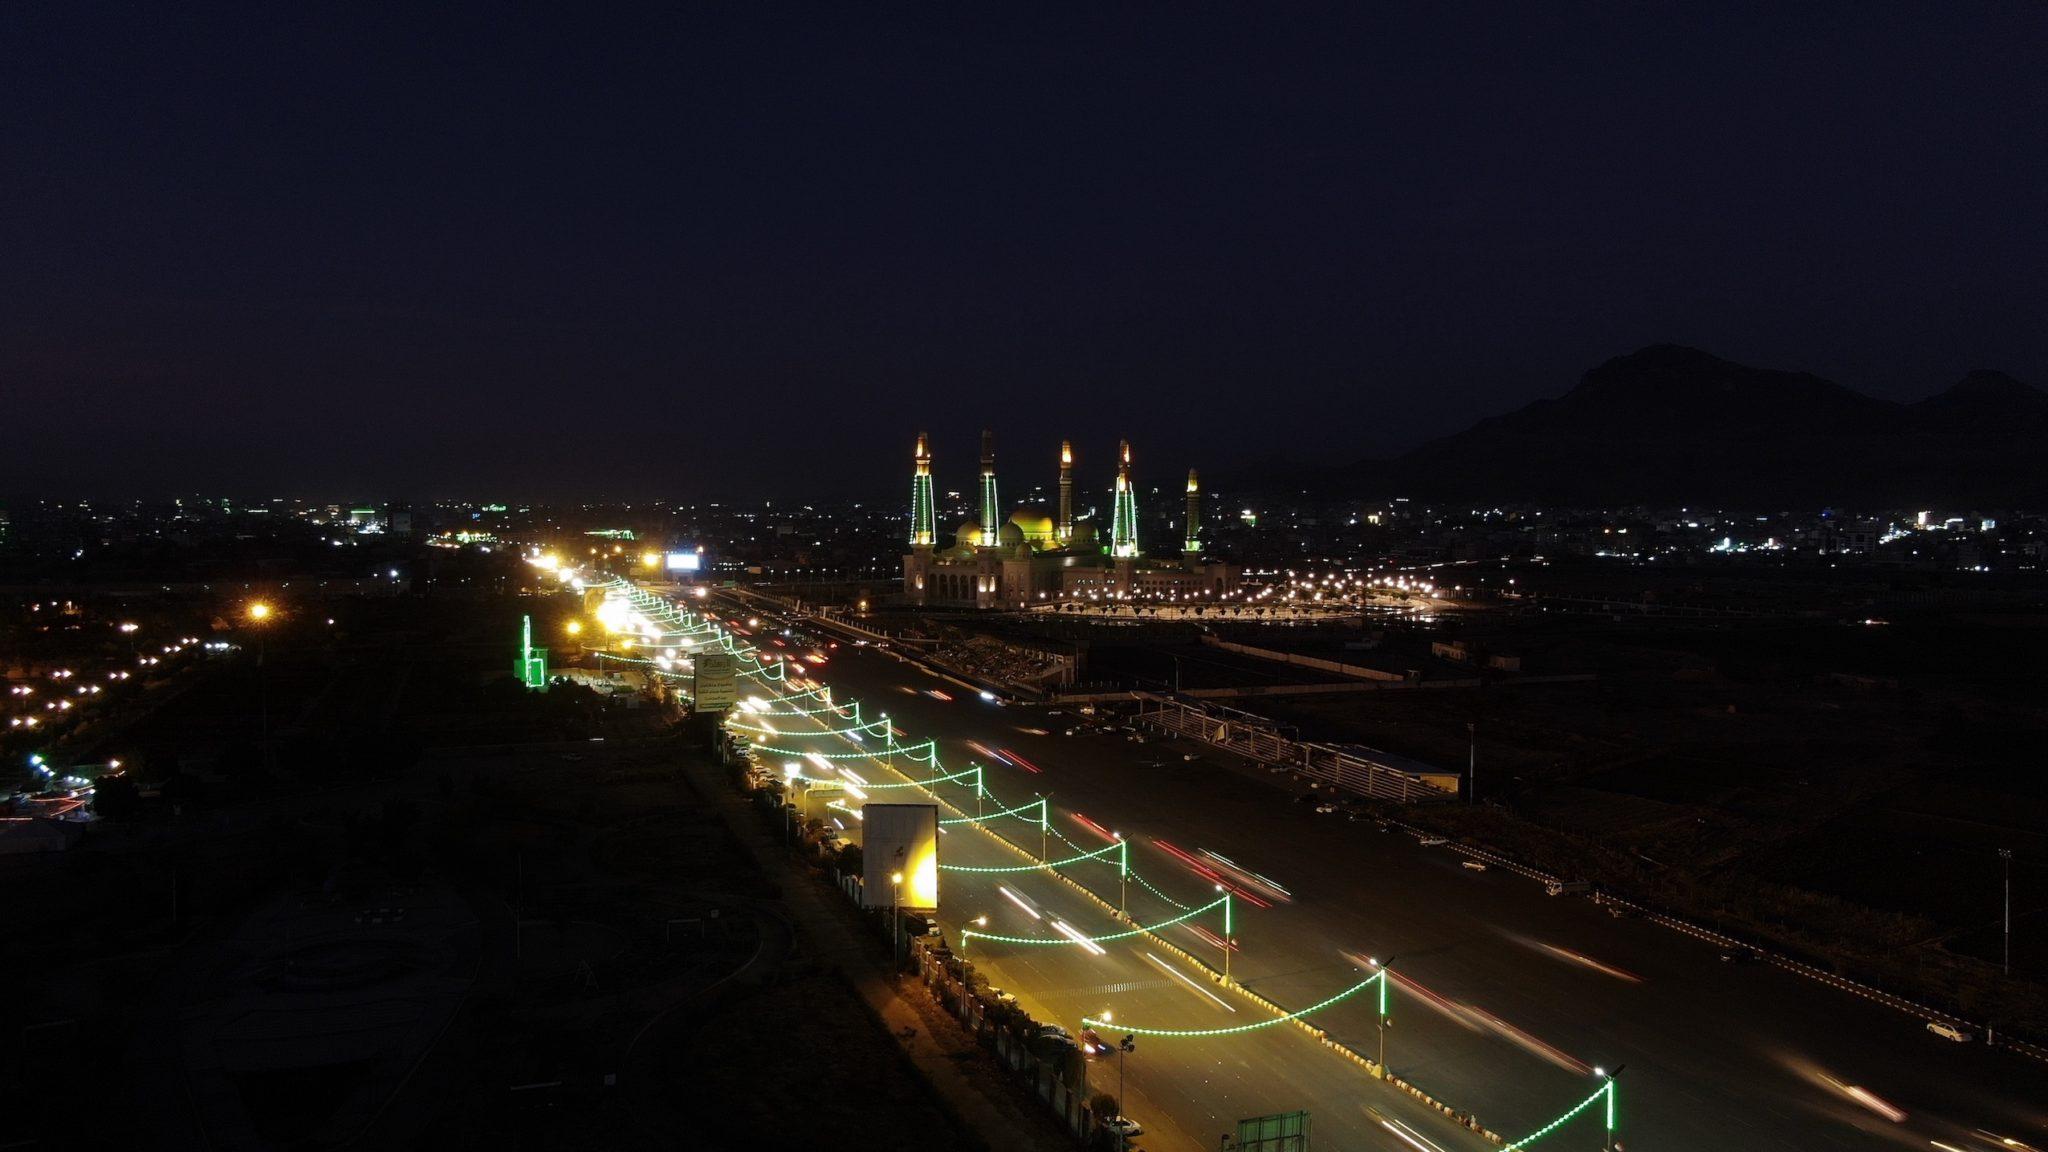 أولويات تعافي وإصلاح قطاع الكهرباء في اليمن